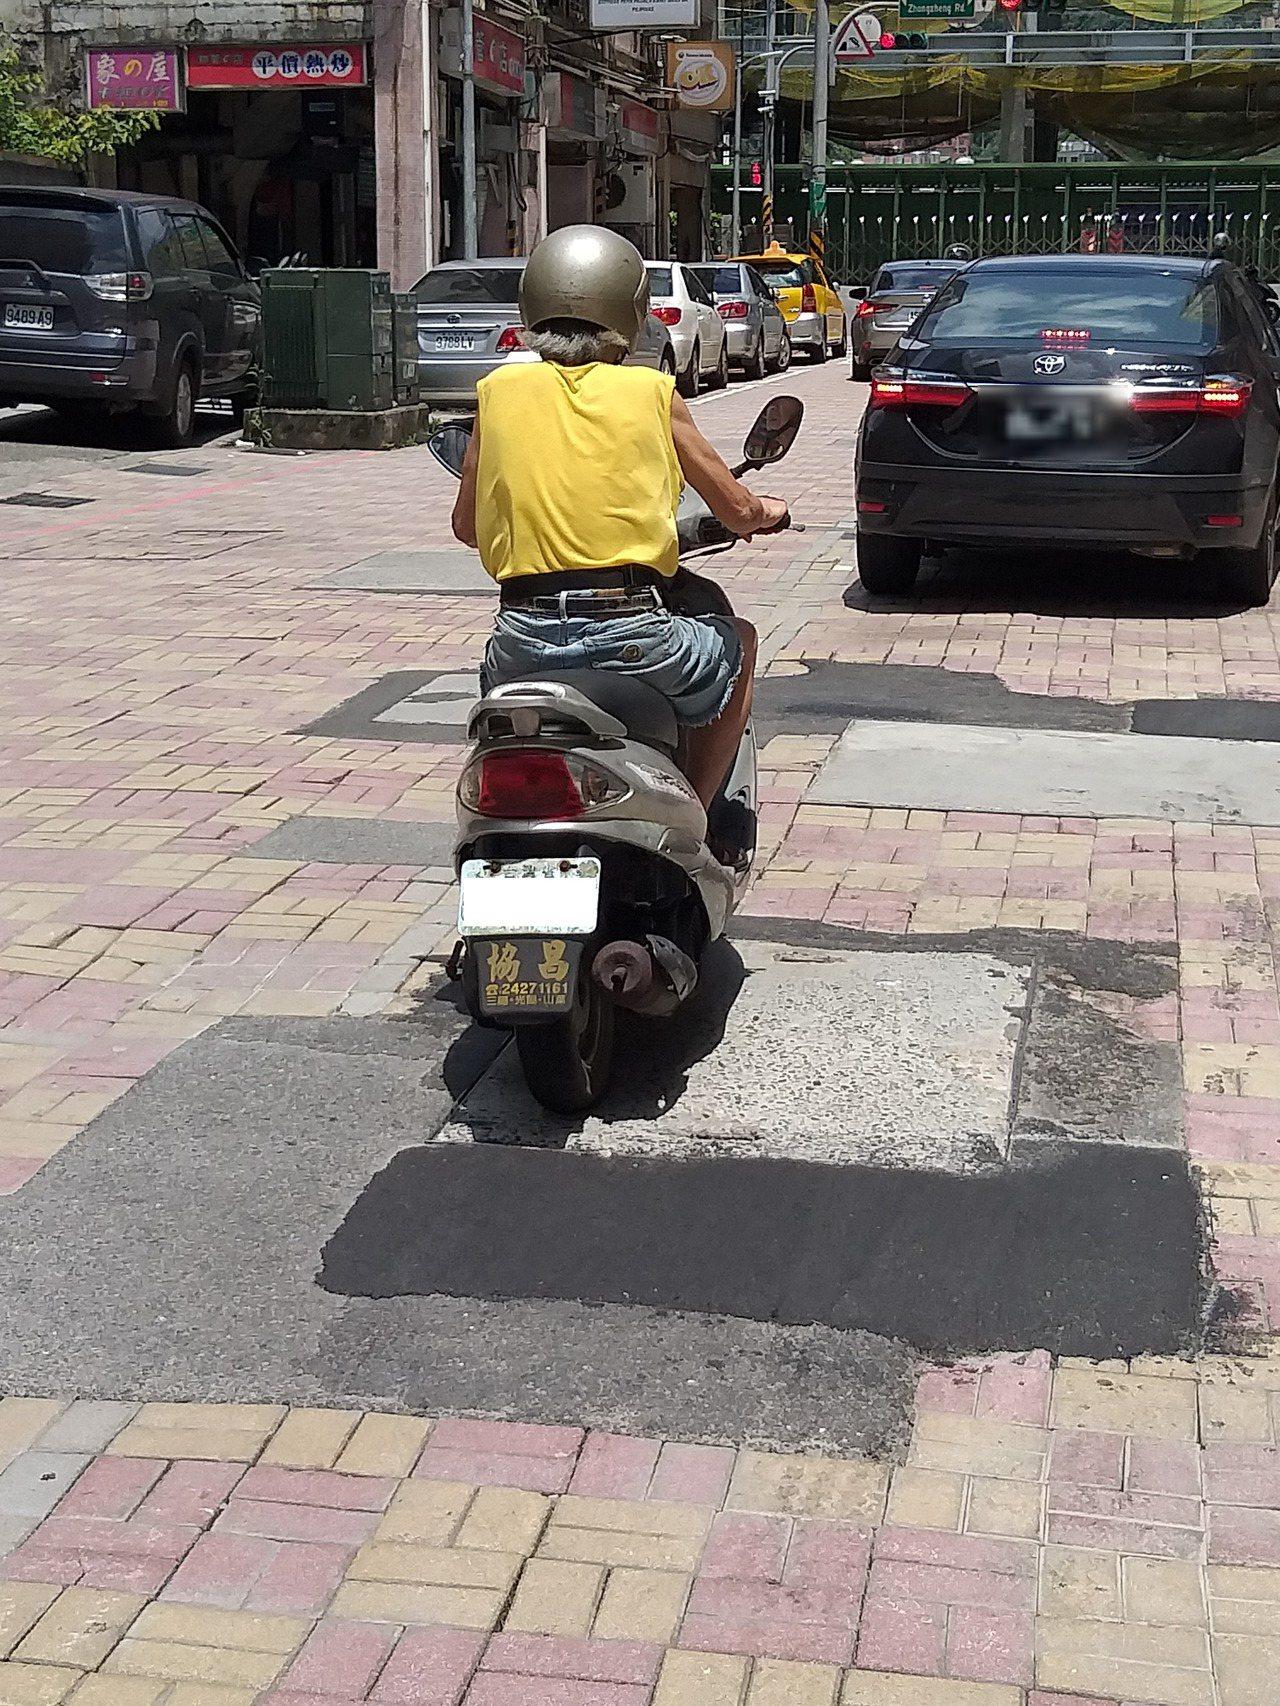 基隆市信三路地磚路面殘破,讓騎士提心吊膽。記者邱瑞杰/攝影